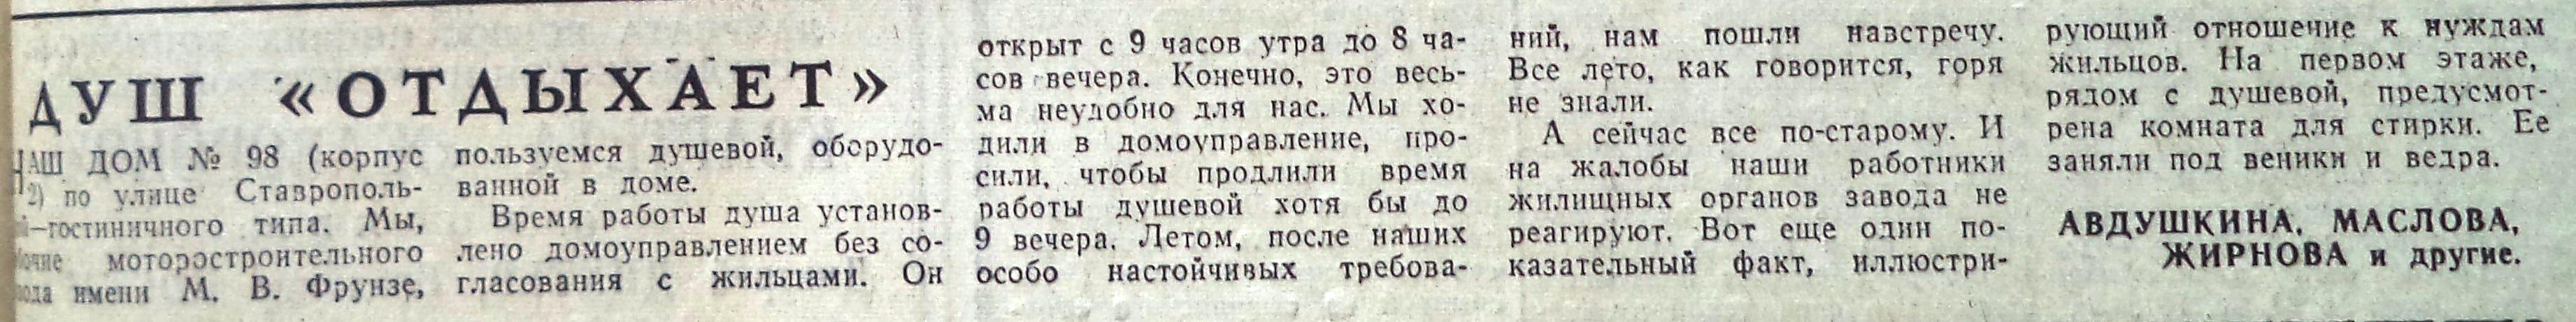 Ставропольская-ФОТО-66-ВЗя-1975-12-11-душ на Ставр.-min